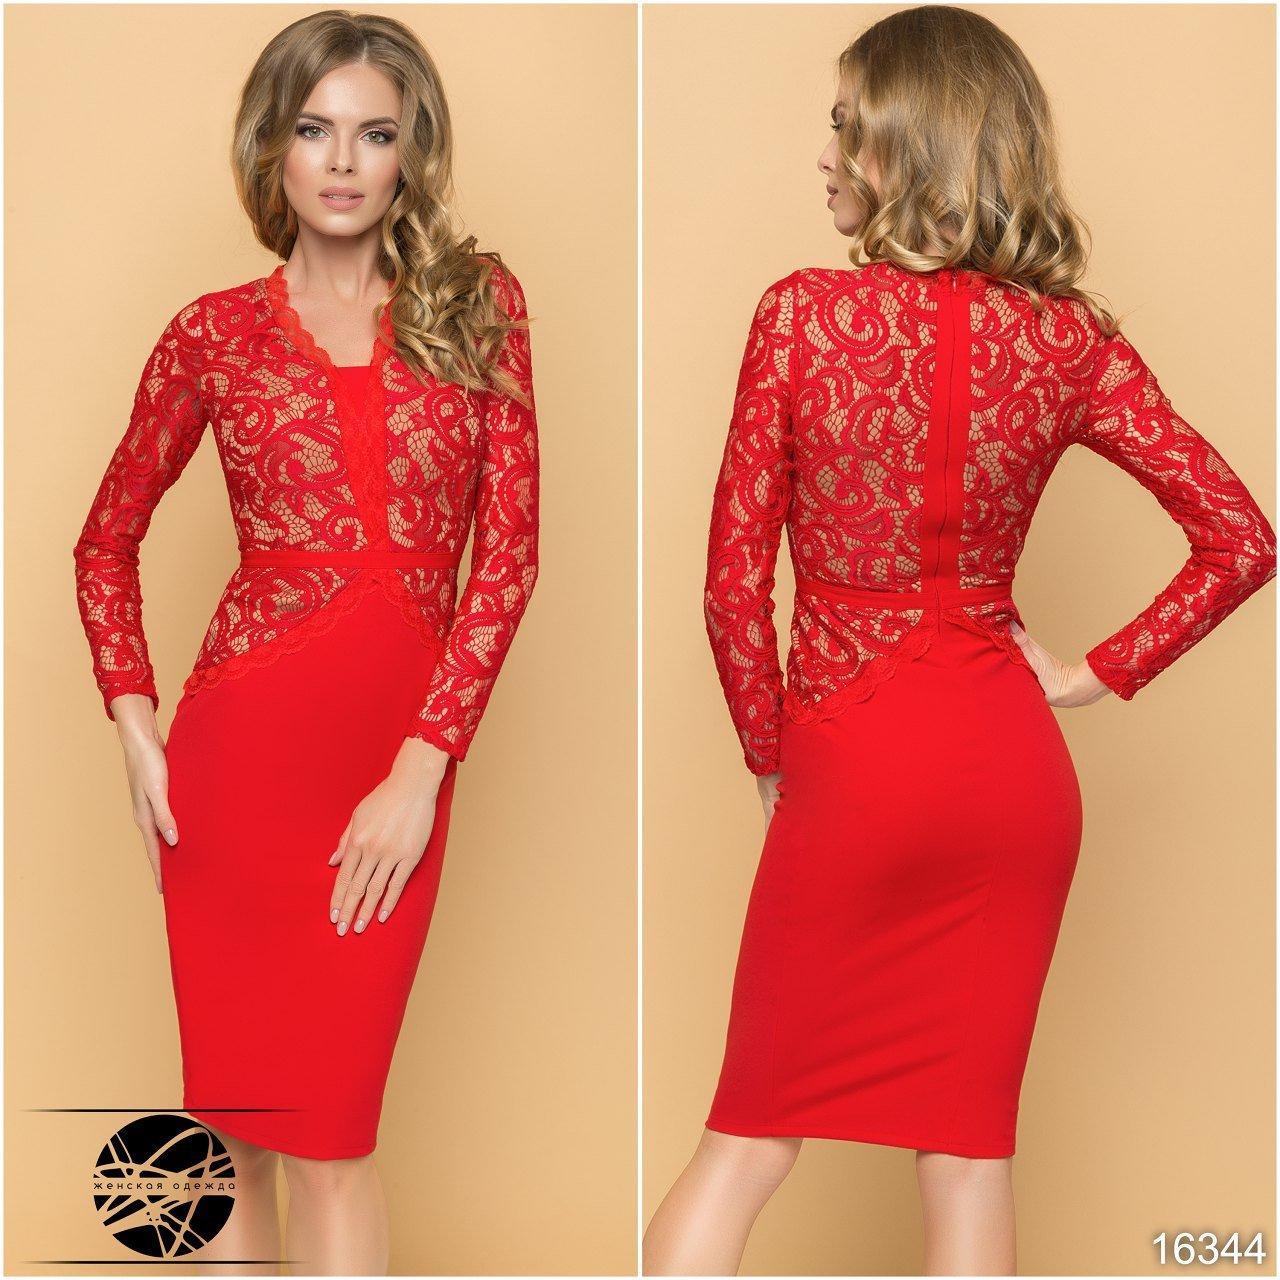 609a33000b2 Женское вечернее платье с гипюром красного цвета с длинным рукавом. Модель  16344